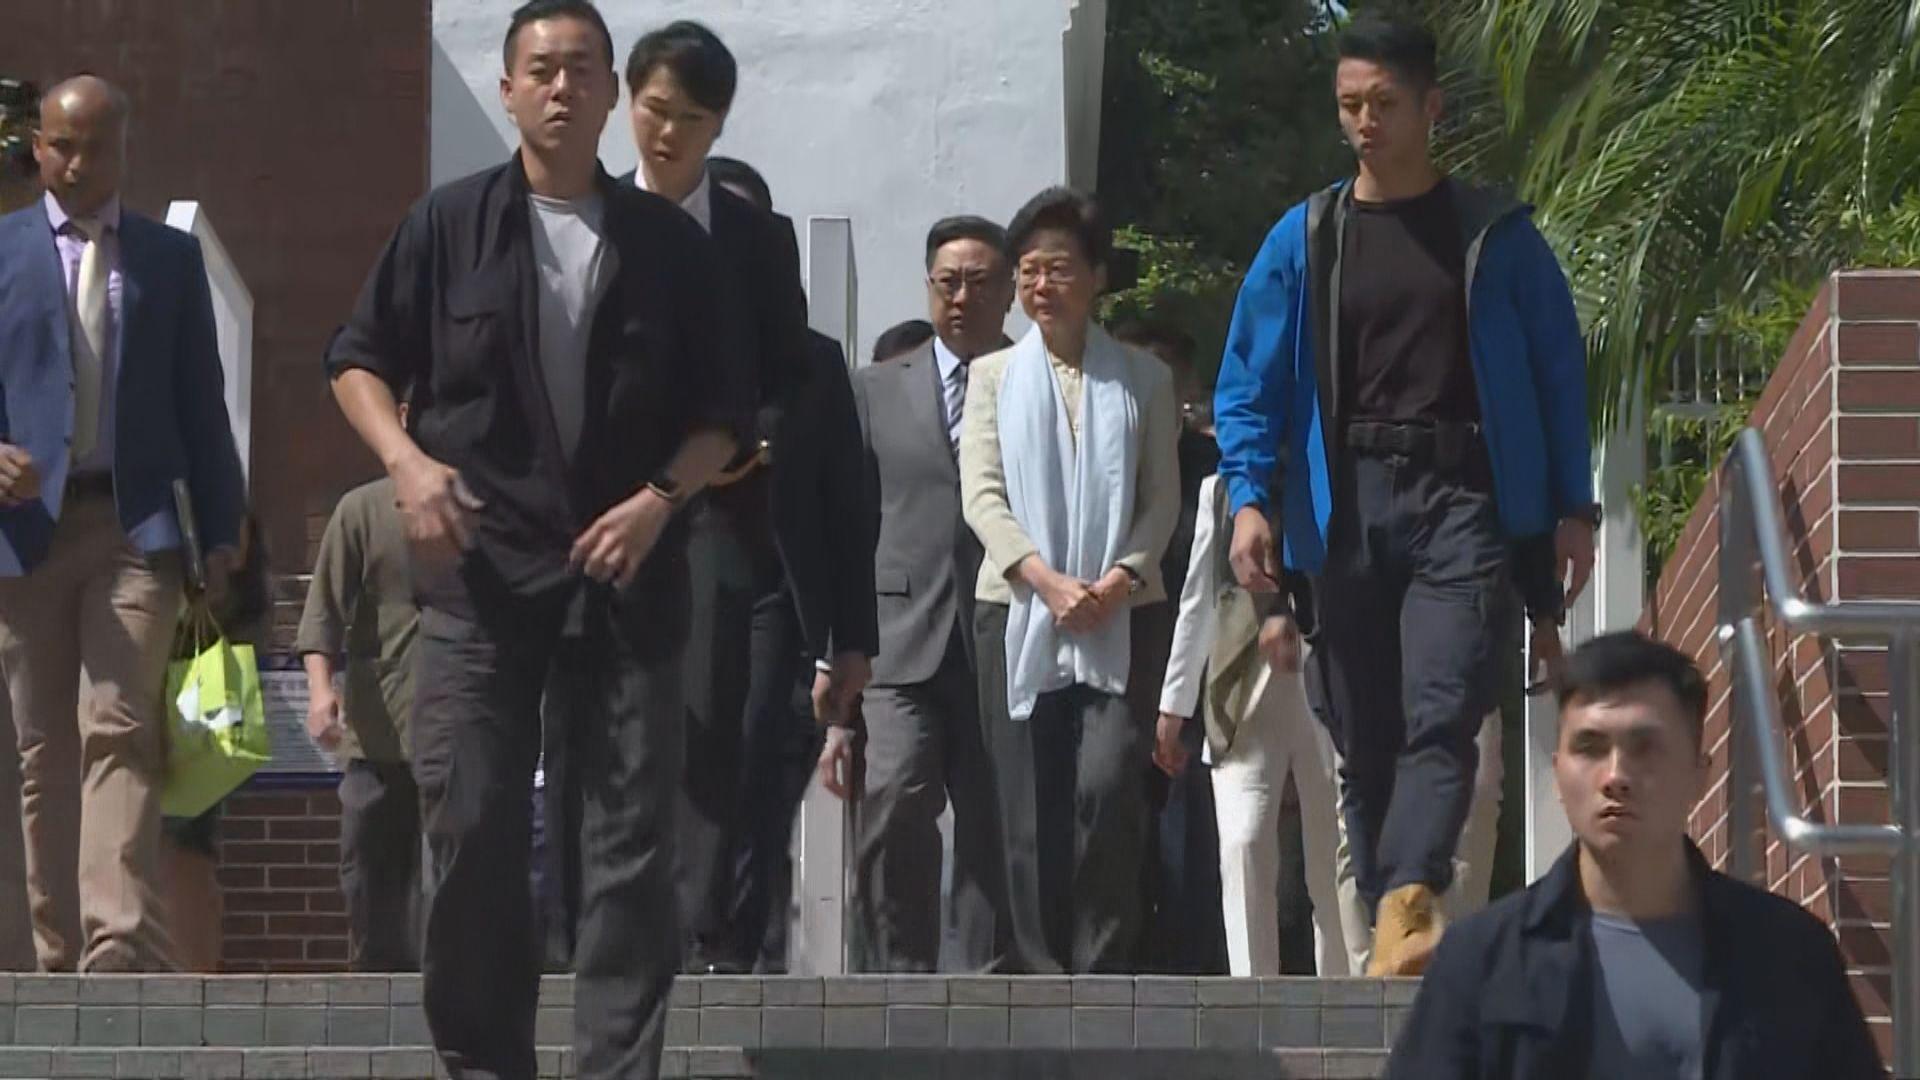 林鄭及盧偉聰到訪清真寺 有穆斯林團體稱接受道歉